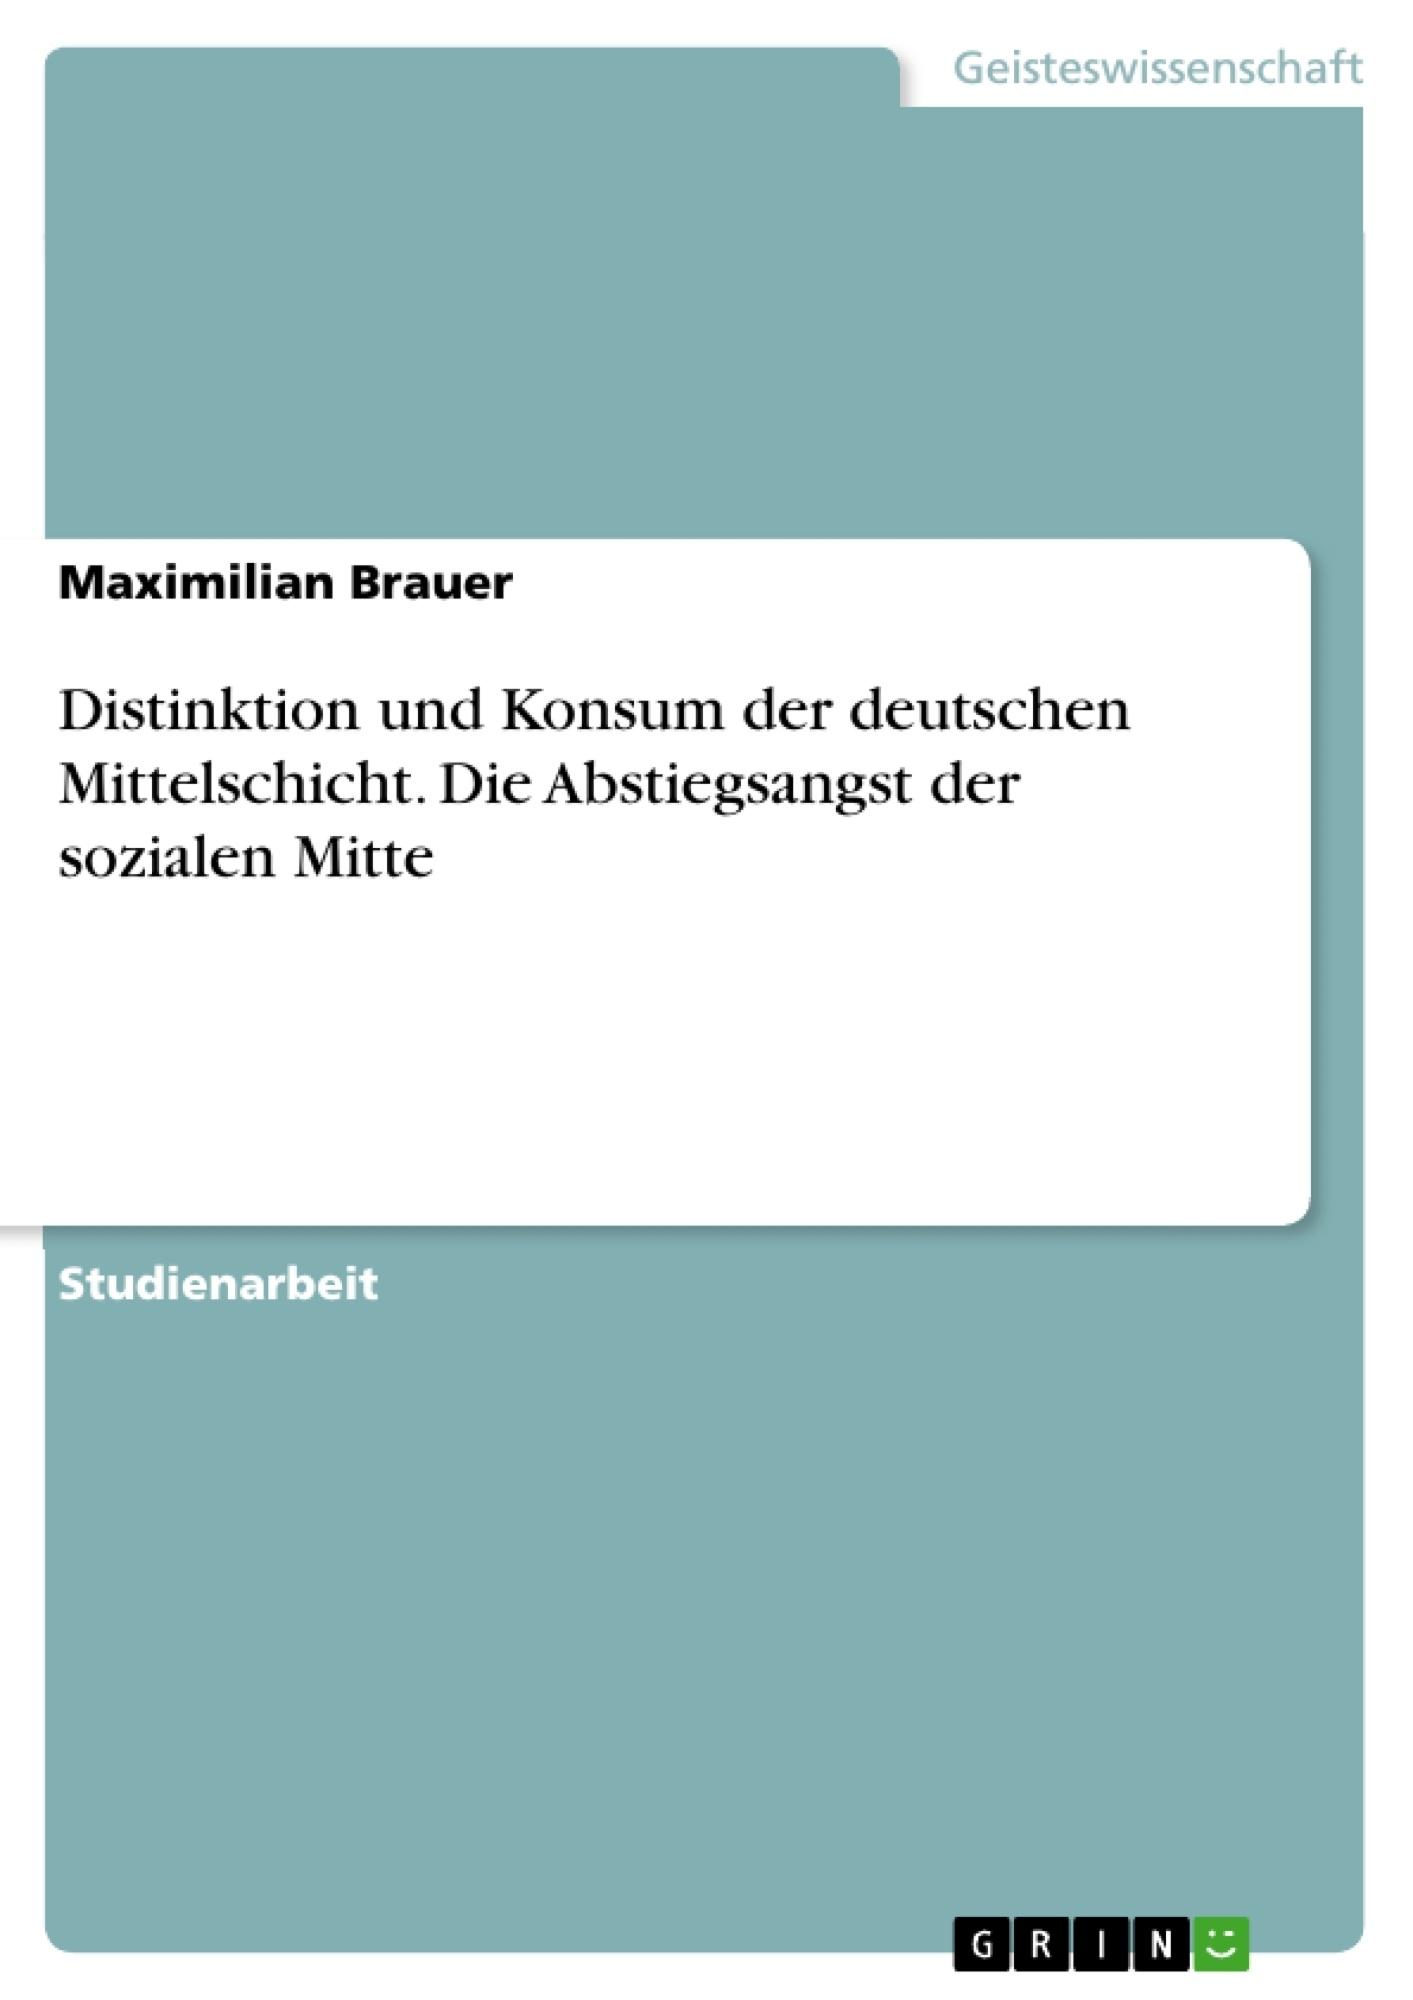 Titel: Distinktion und Konsum der deutschen Mittelschicht. Die Abstiegsangst der sozialen Mitte